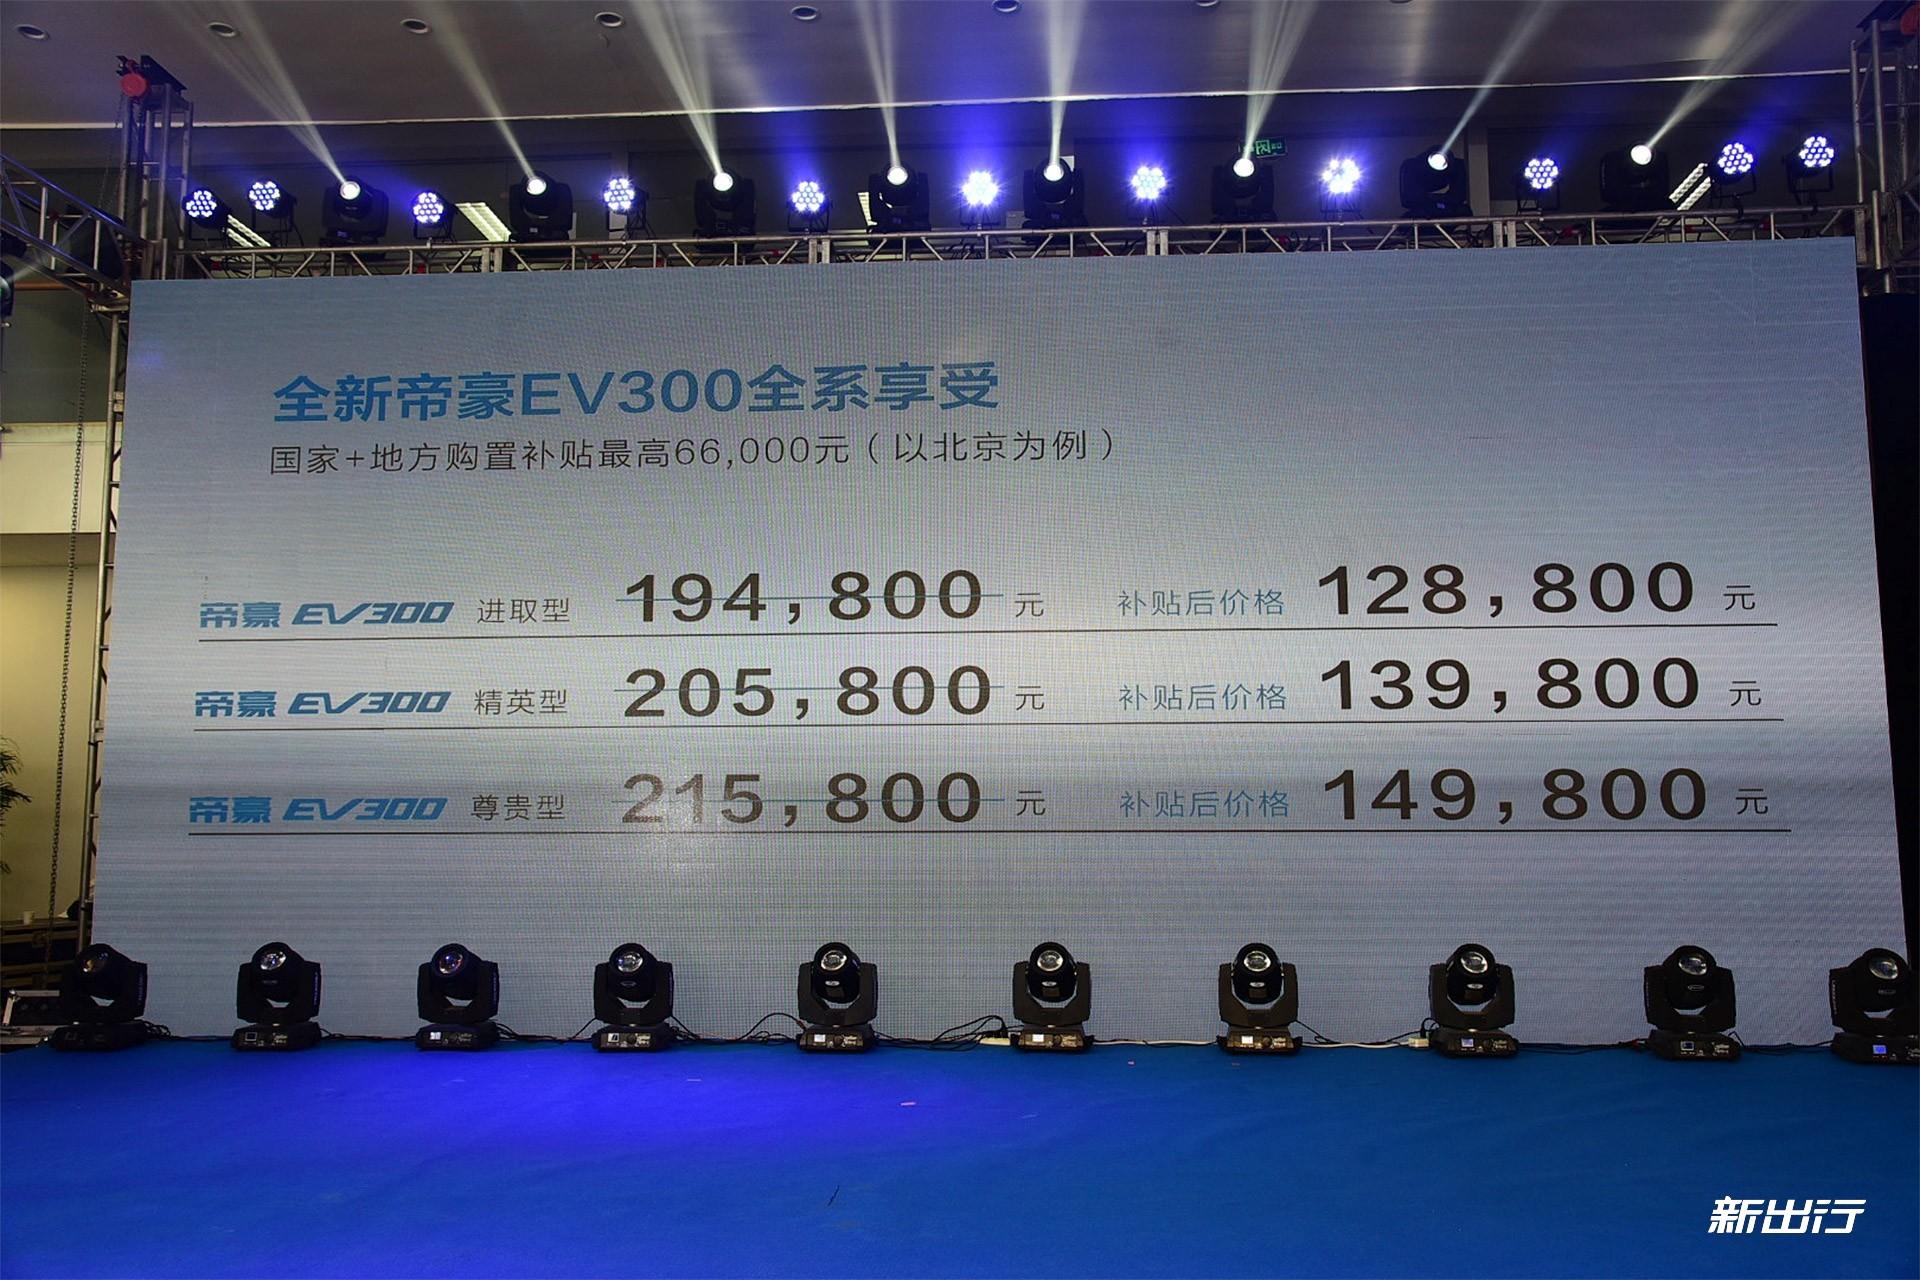 2-吉利帝豪EV300深度评测体验.jpg